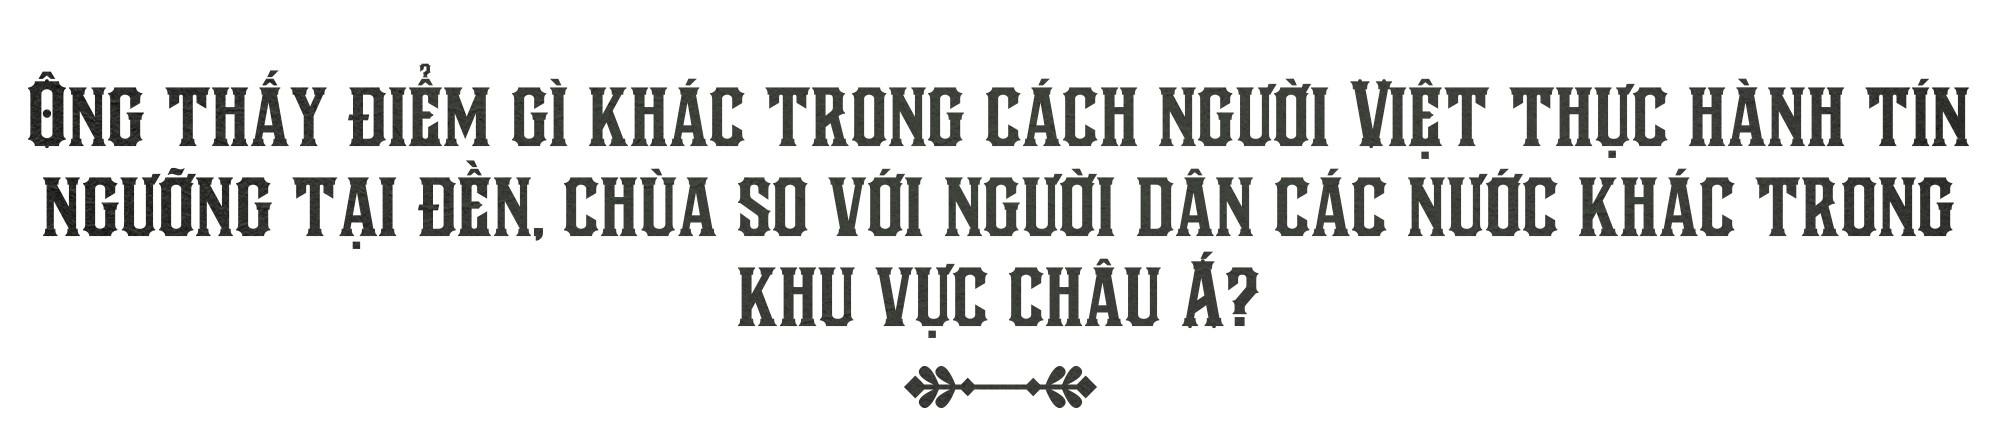 Văn hóa Việt và chùa chiền hấp dẫn tôi một cách tự nhiên - Ảnh 7.